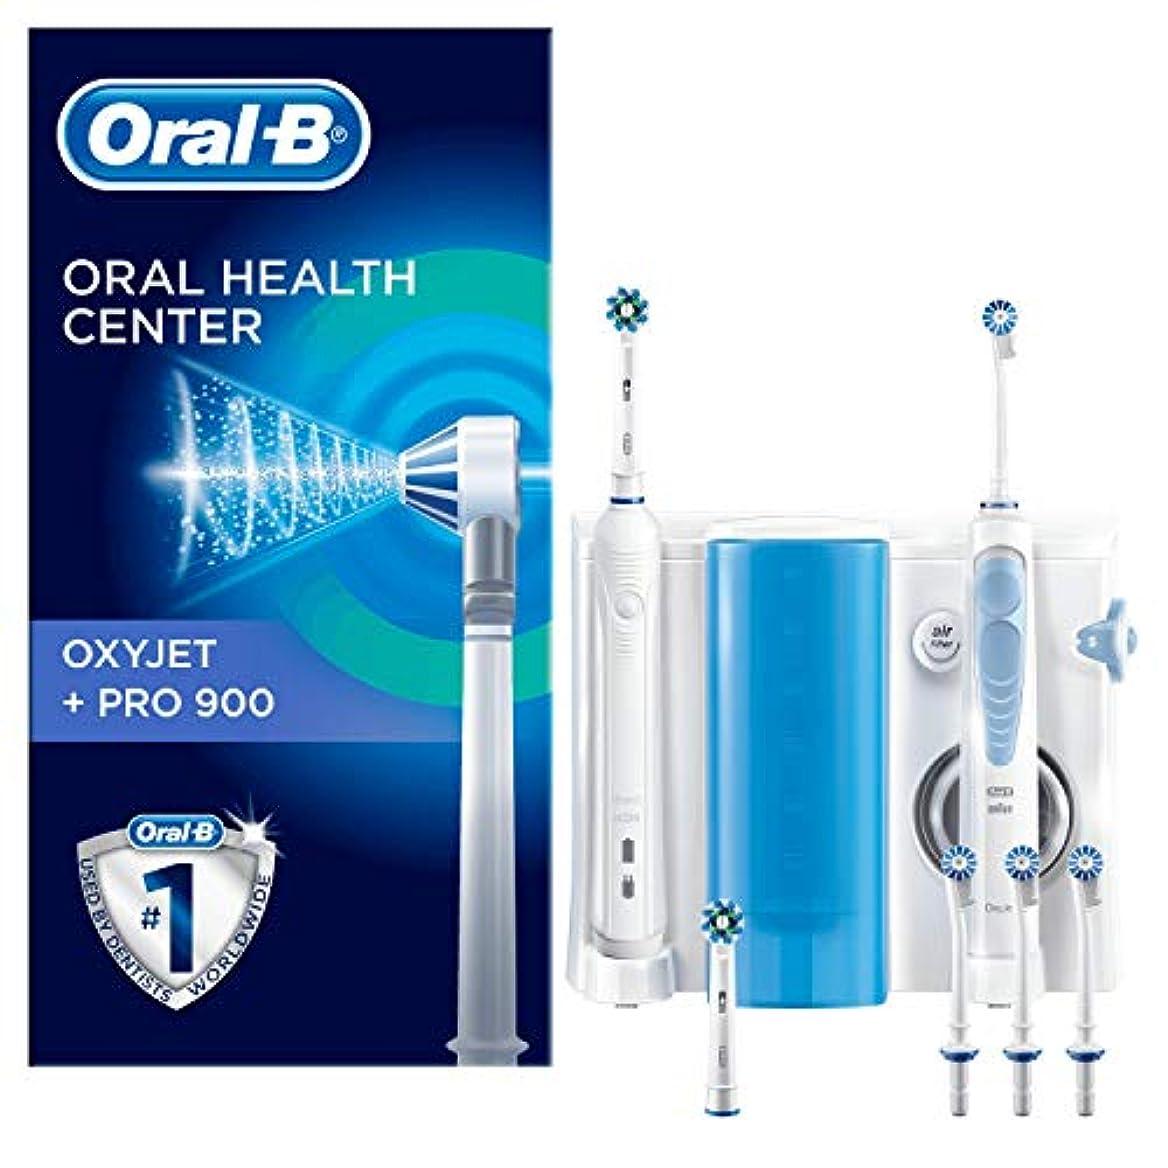 ねじれタイマー労働者Oral B Dental Center Oxyjet Irrigator + Electric Brush Pro 900 [並行輸入品]